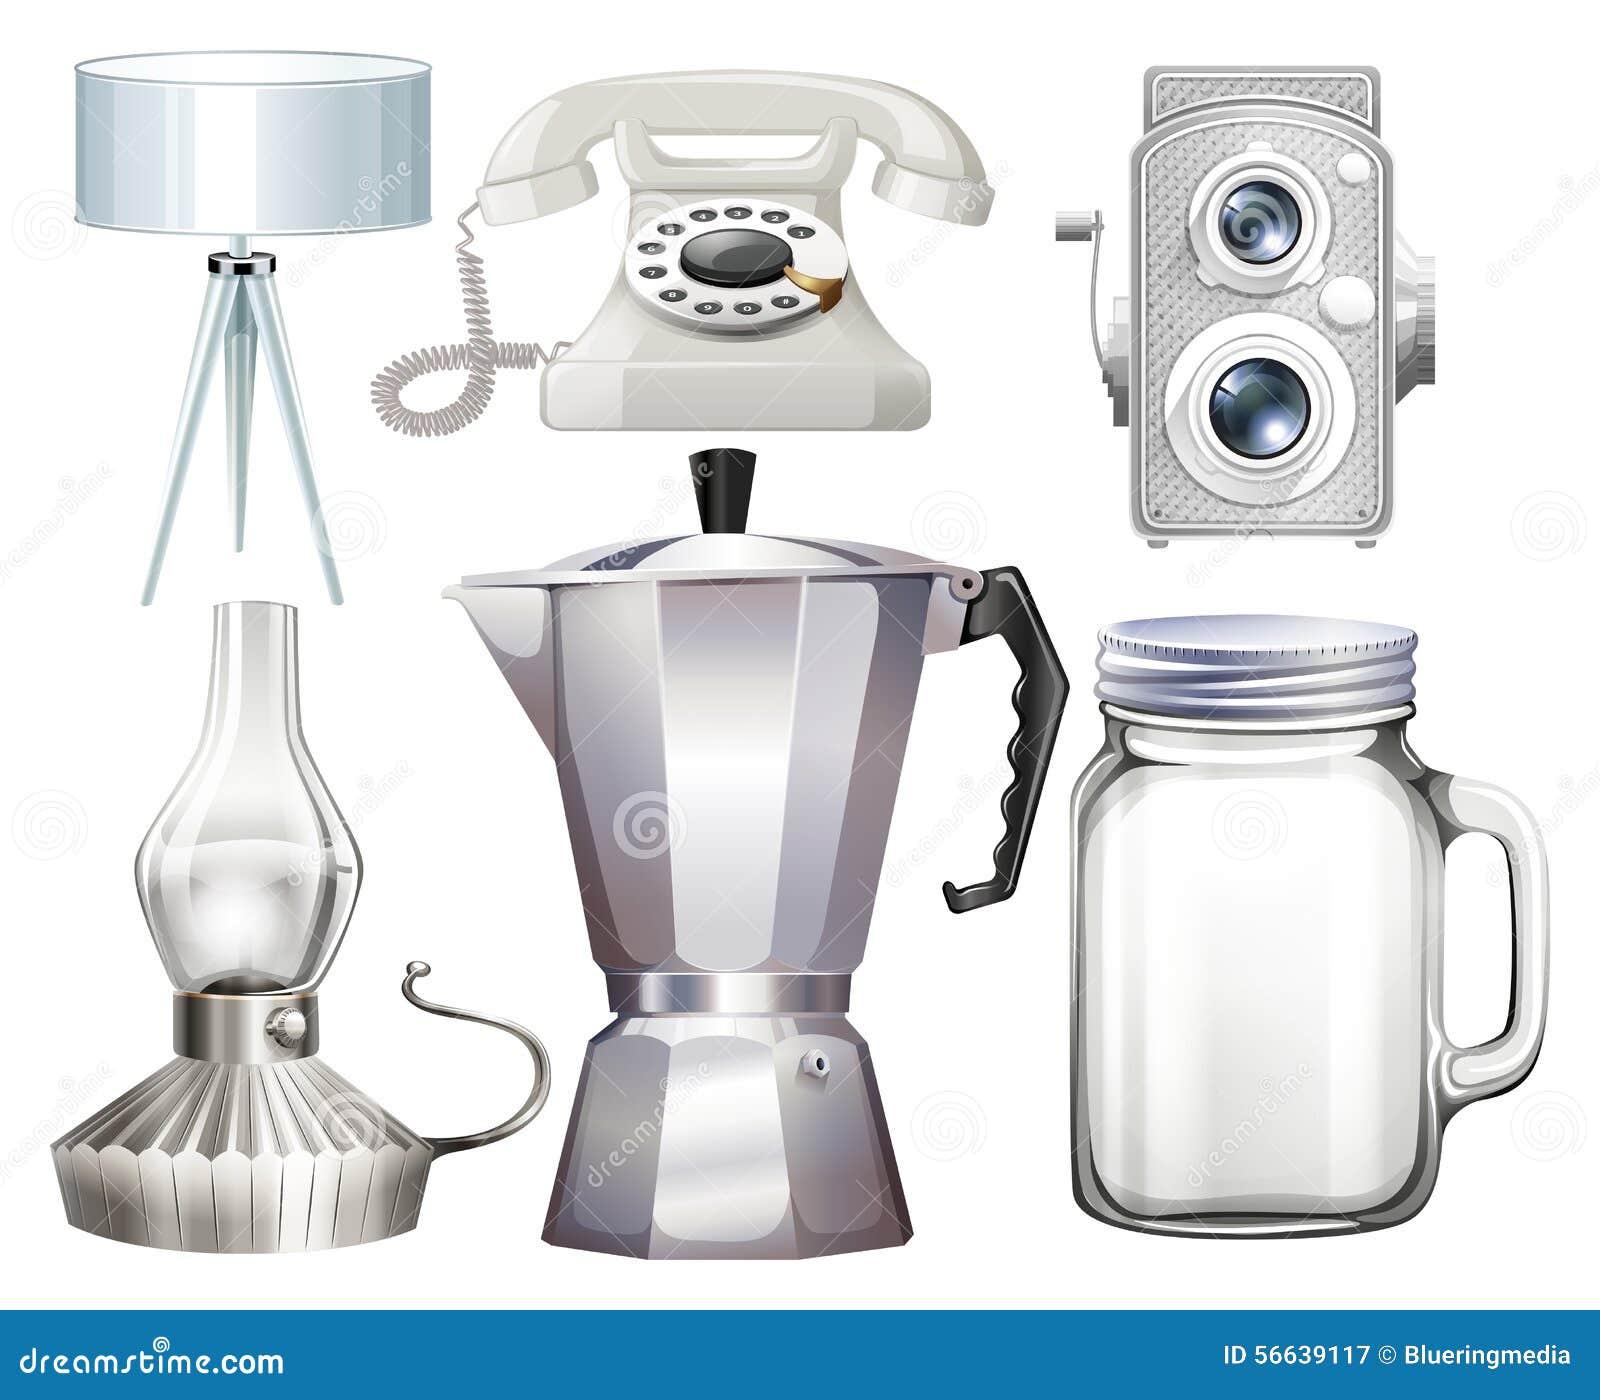 Objetos del hogar ilustraci n del vector imagen 56639117 for Cosas de hogar